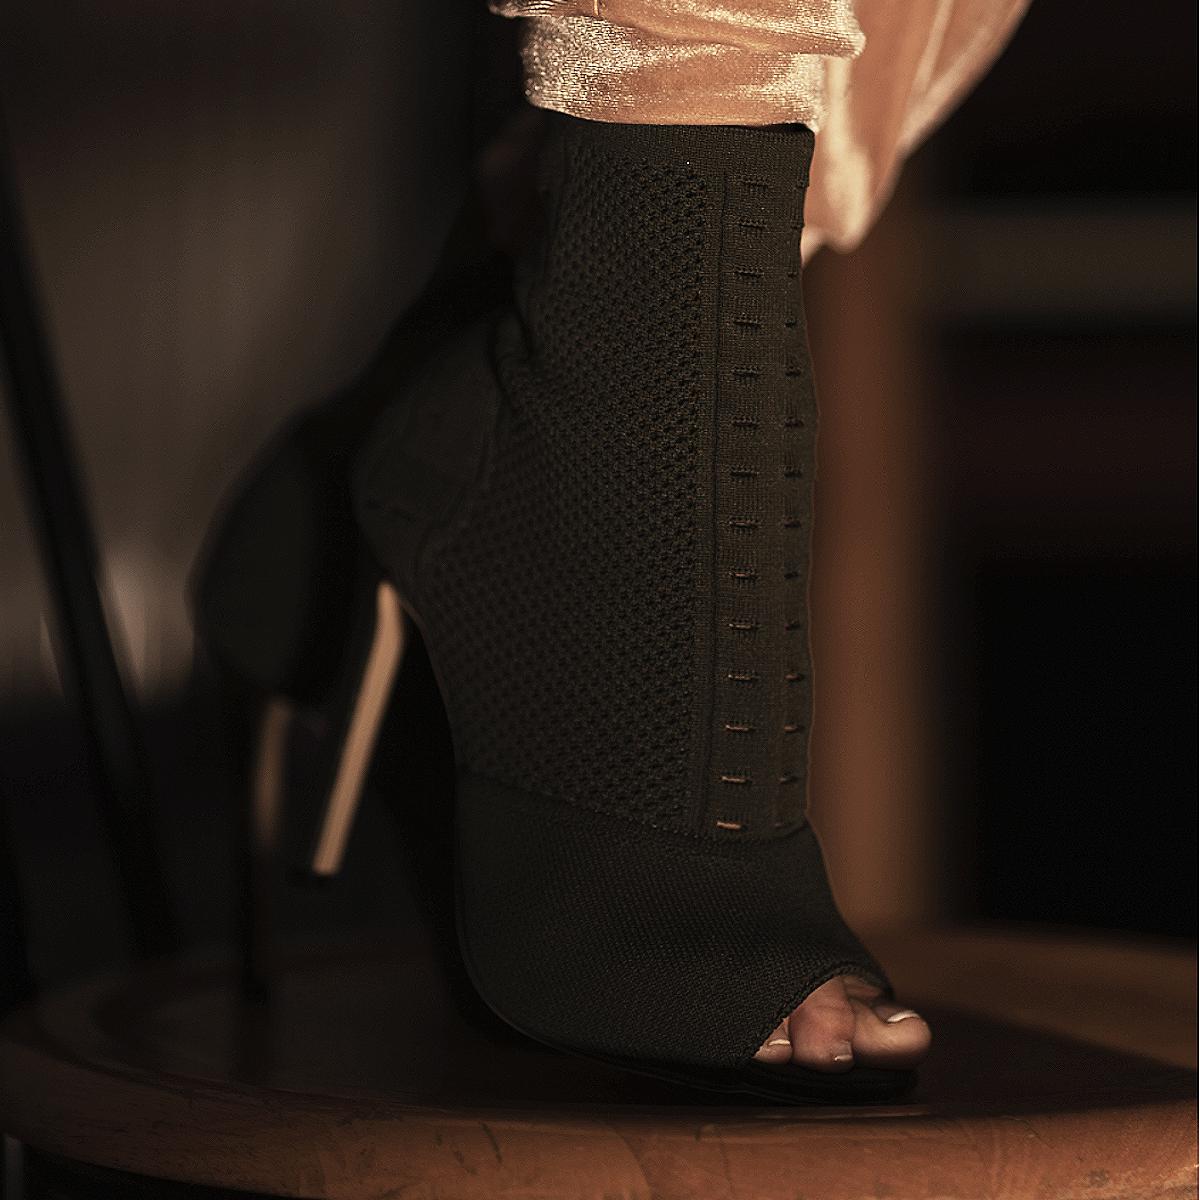 Tamara-Kramer-Sock-in-boots03-1.png